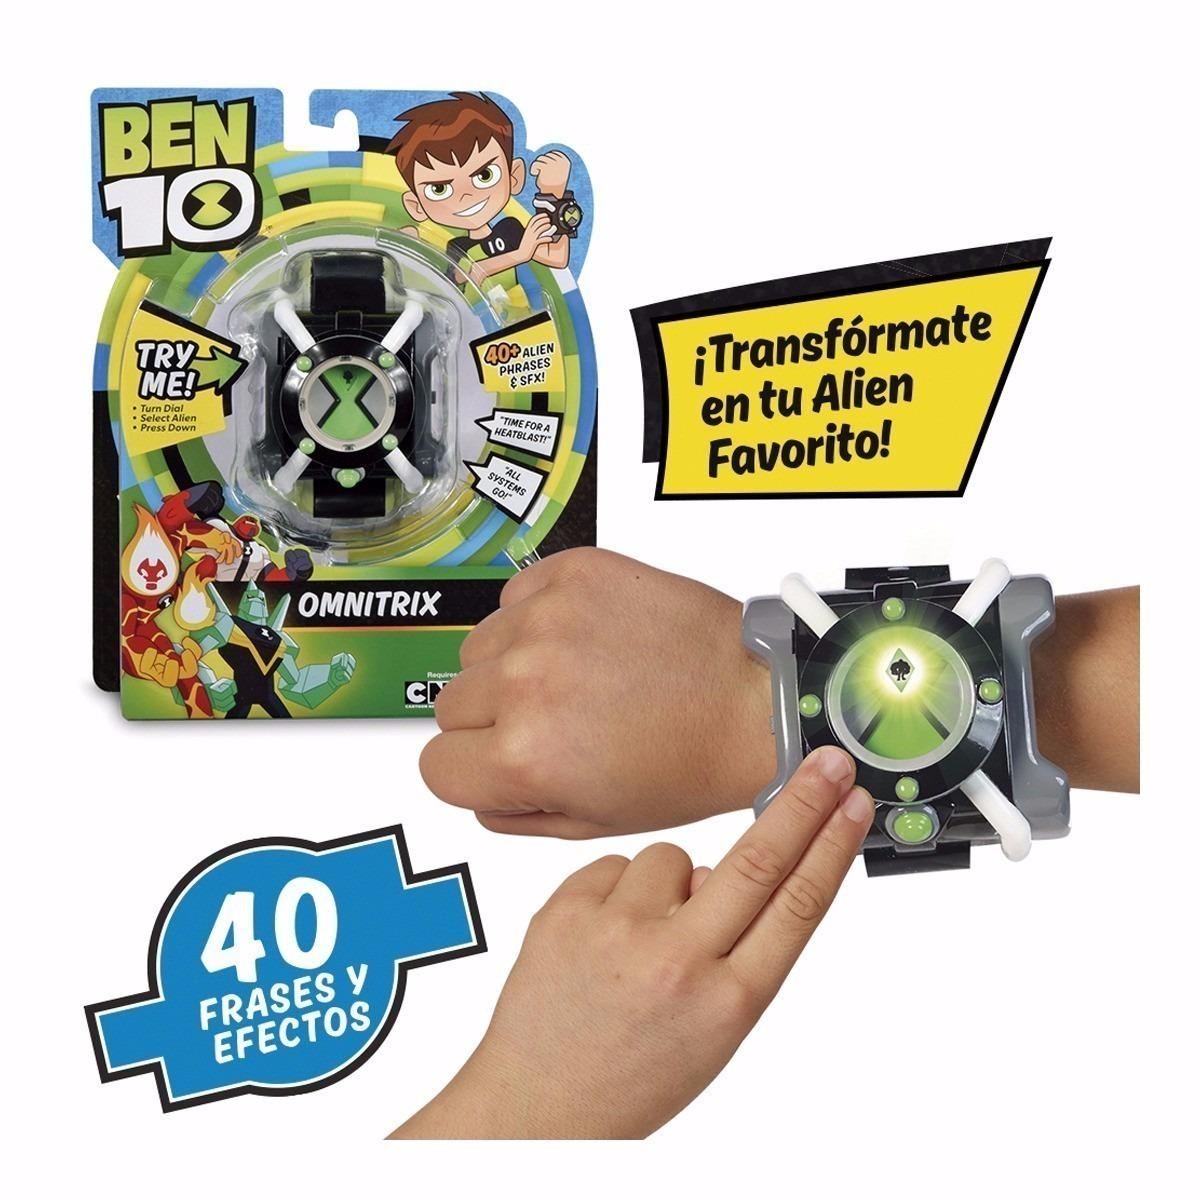 353419547b8 Relógio Ben 10 Omnitrix Com Luz E Som Sunny 1755 - R  165